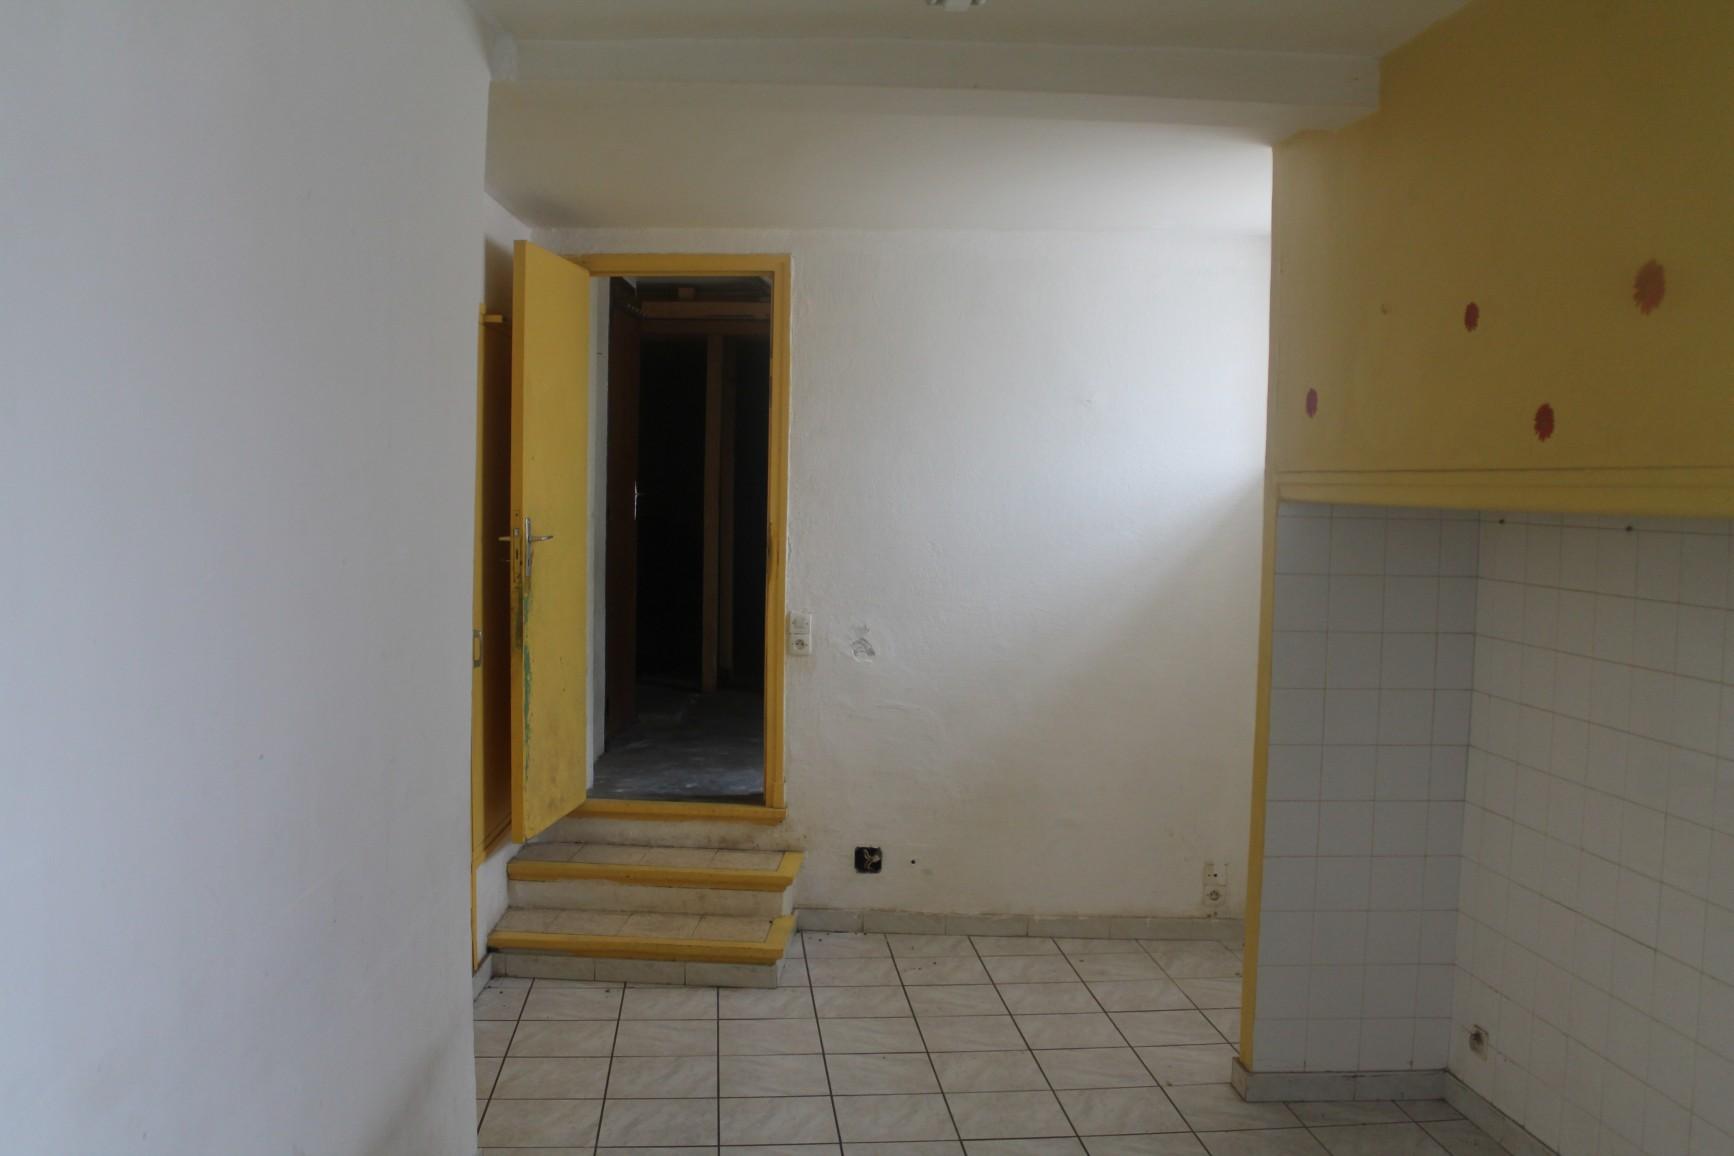 archi2 am nagement interieur d une maison de village. Black Bedroom Furniture Sets. Home Design Ideas